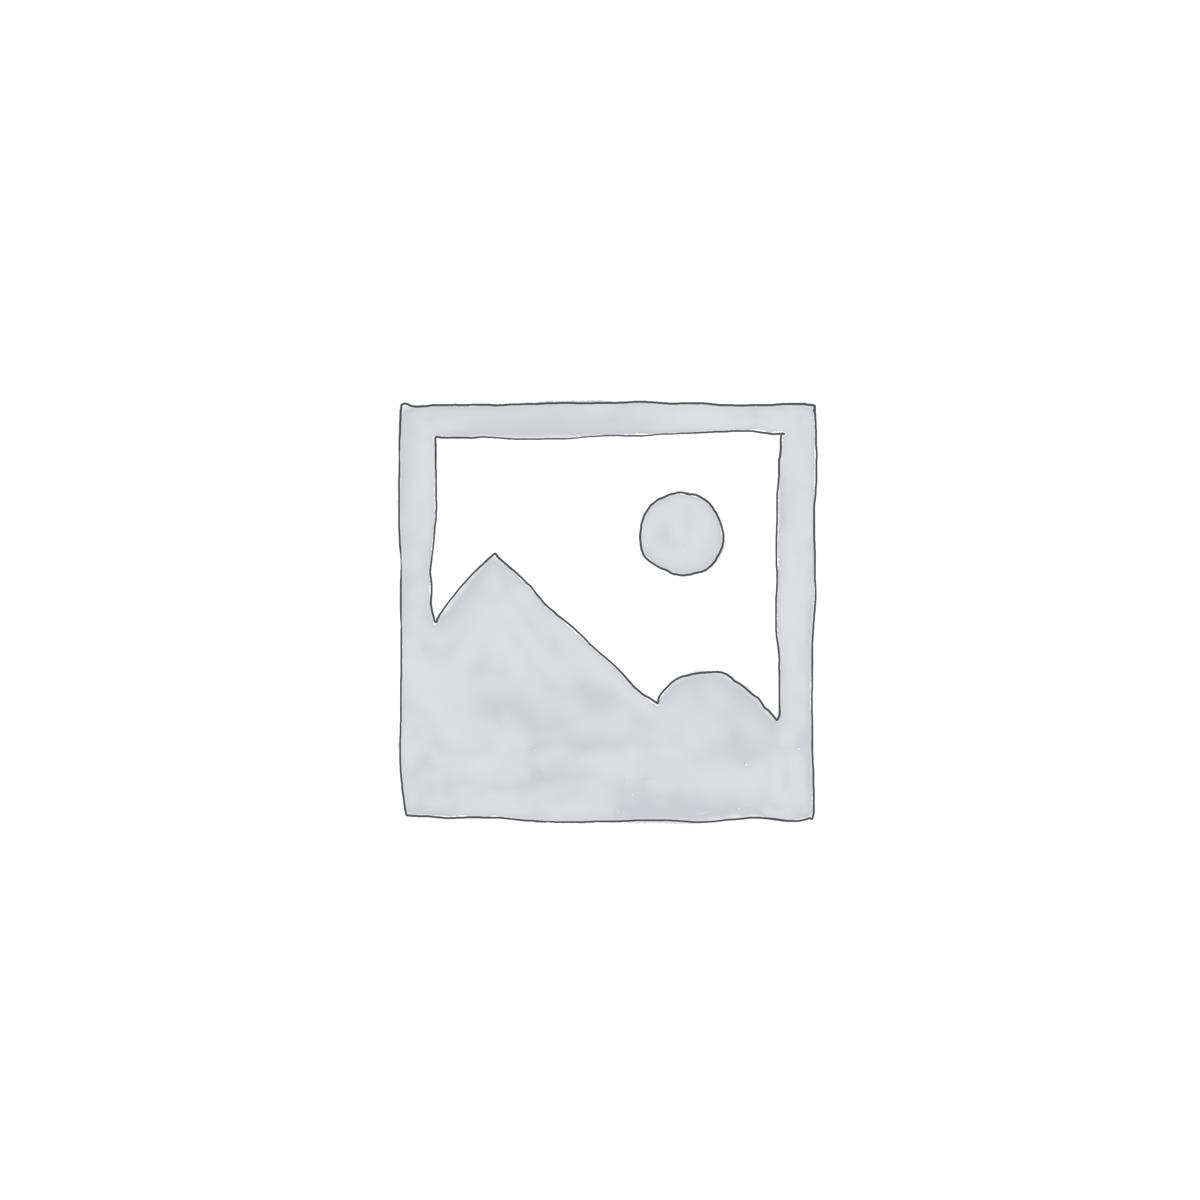 Monochrome Antique Jungle Landscape Wallpaper Mural